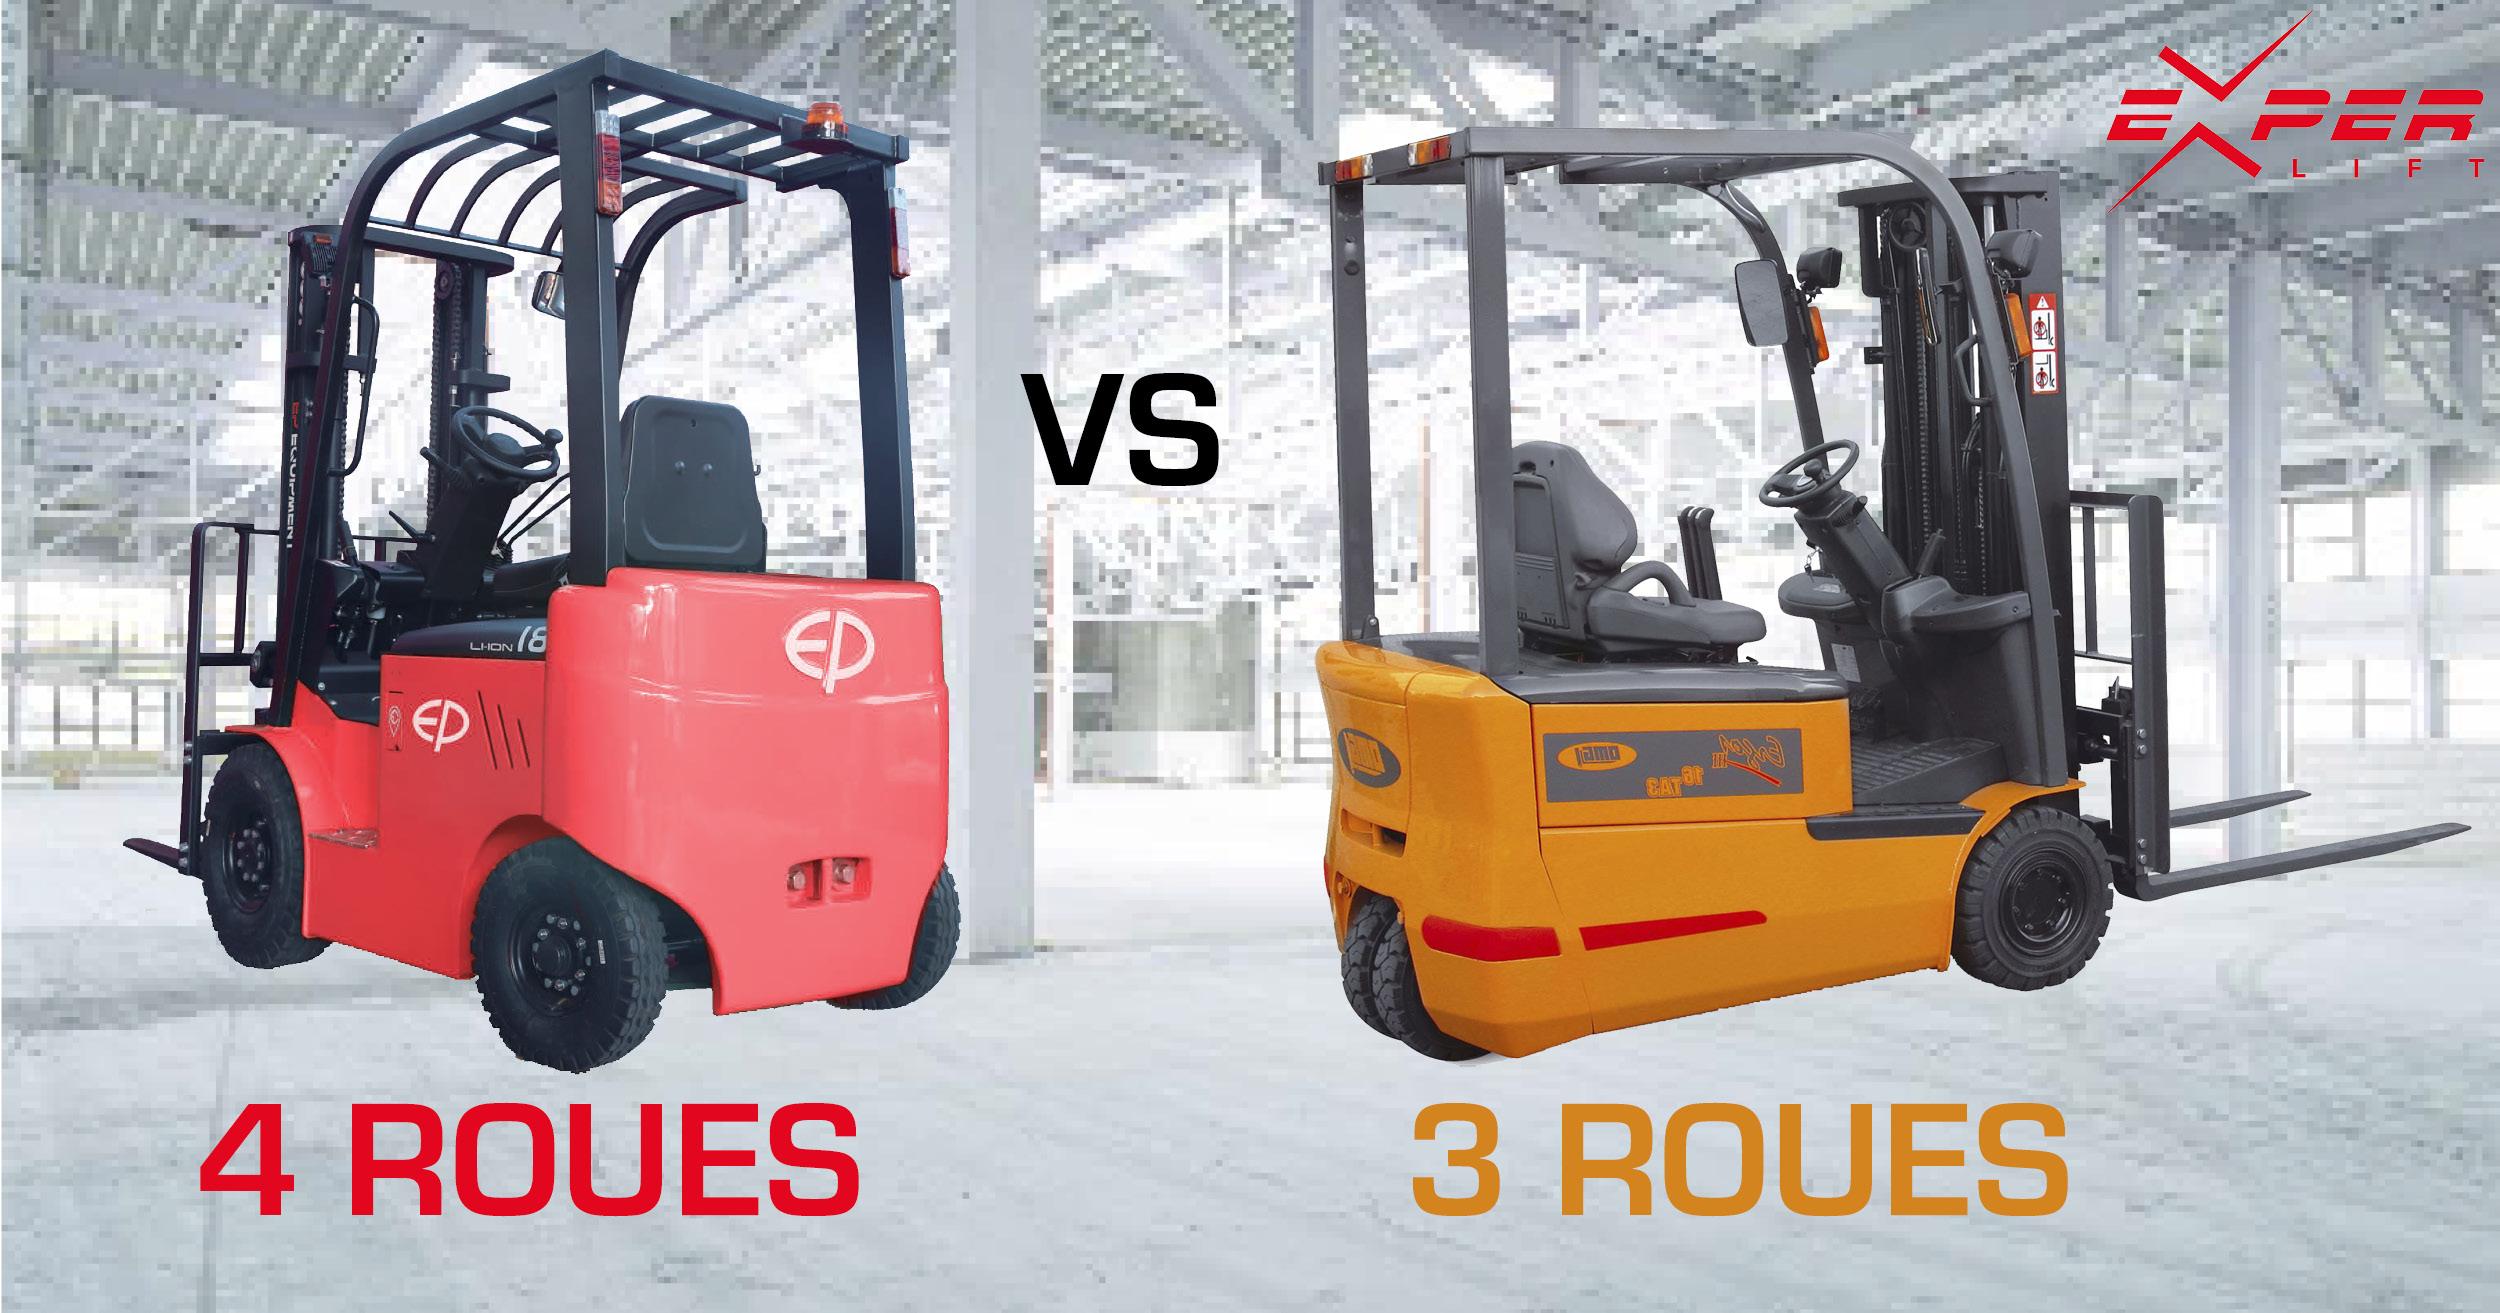 Comment choisir entre un chariot élévateur 3 roues et 4 roues ?